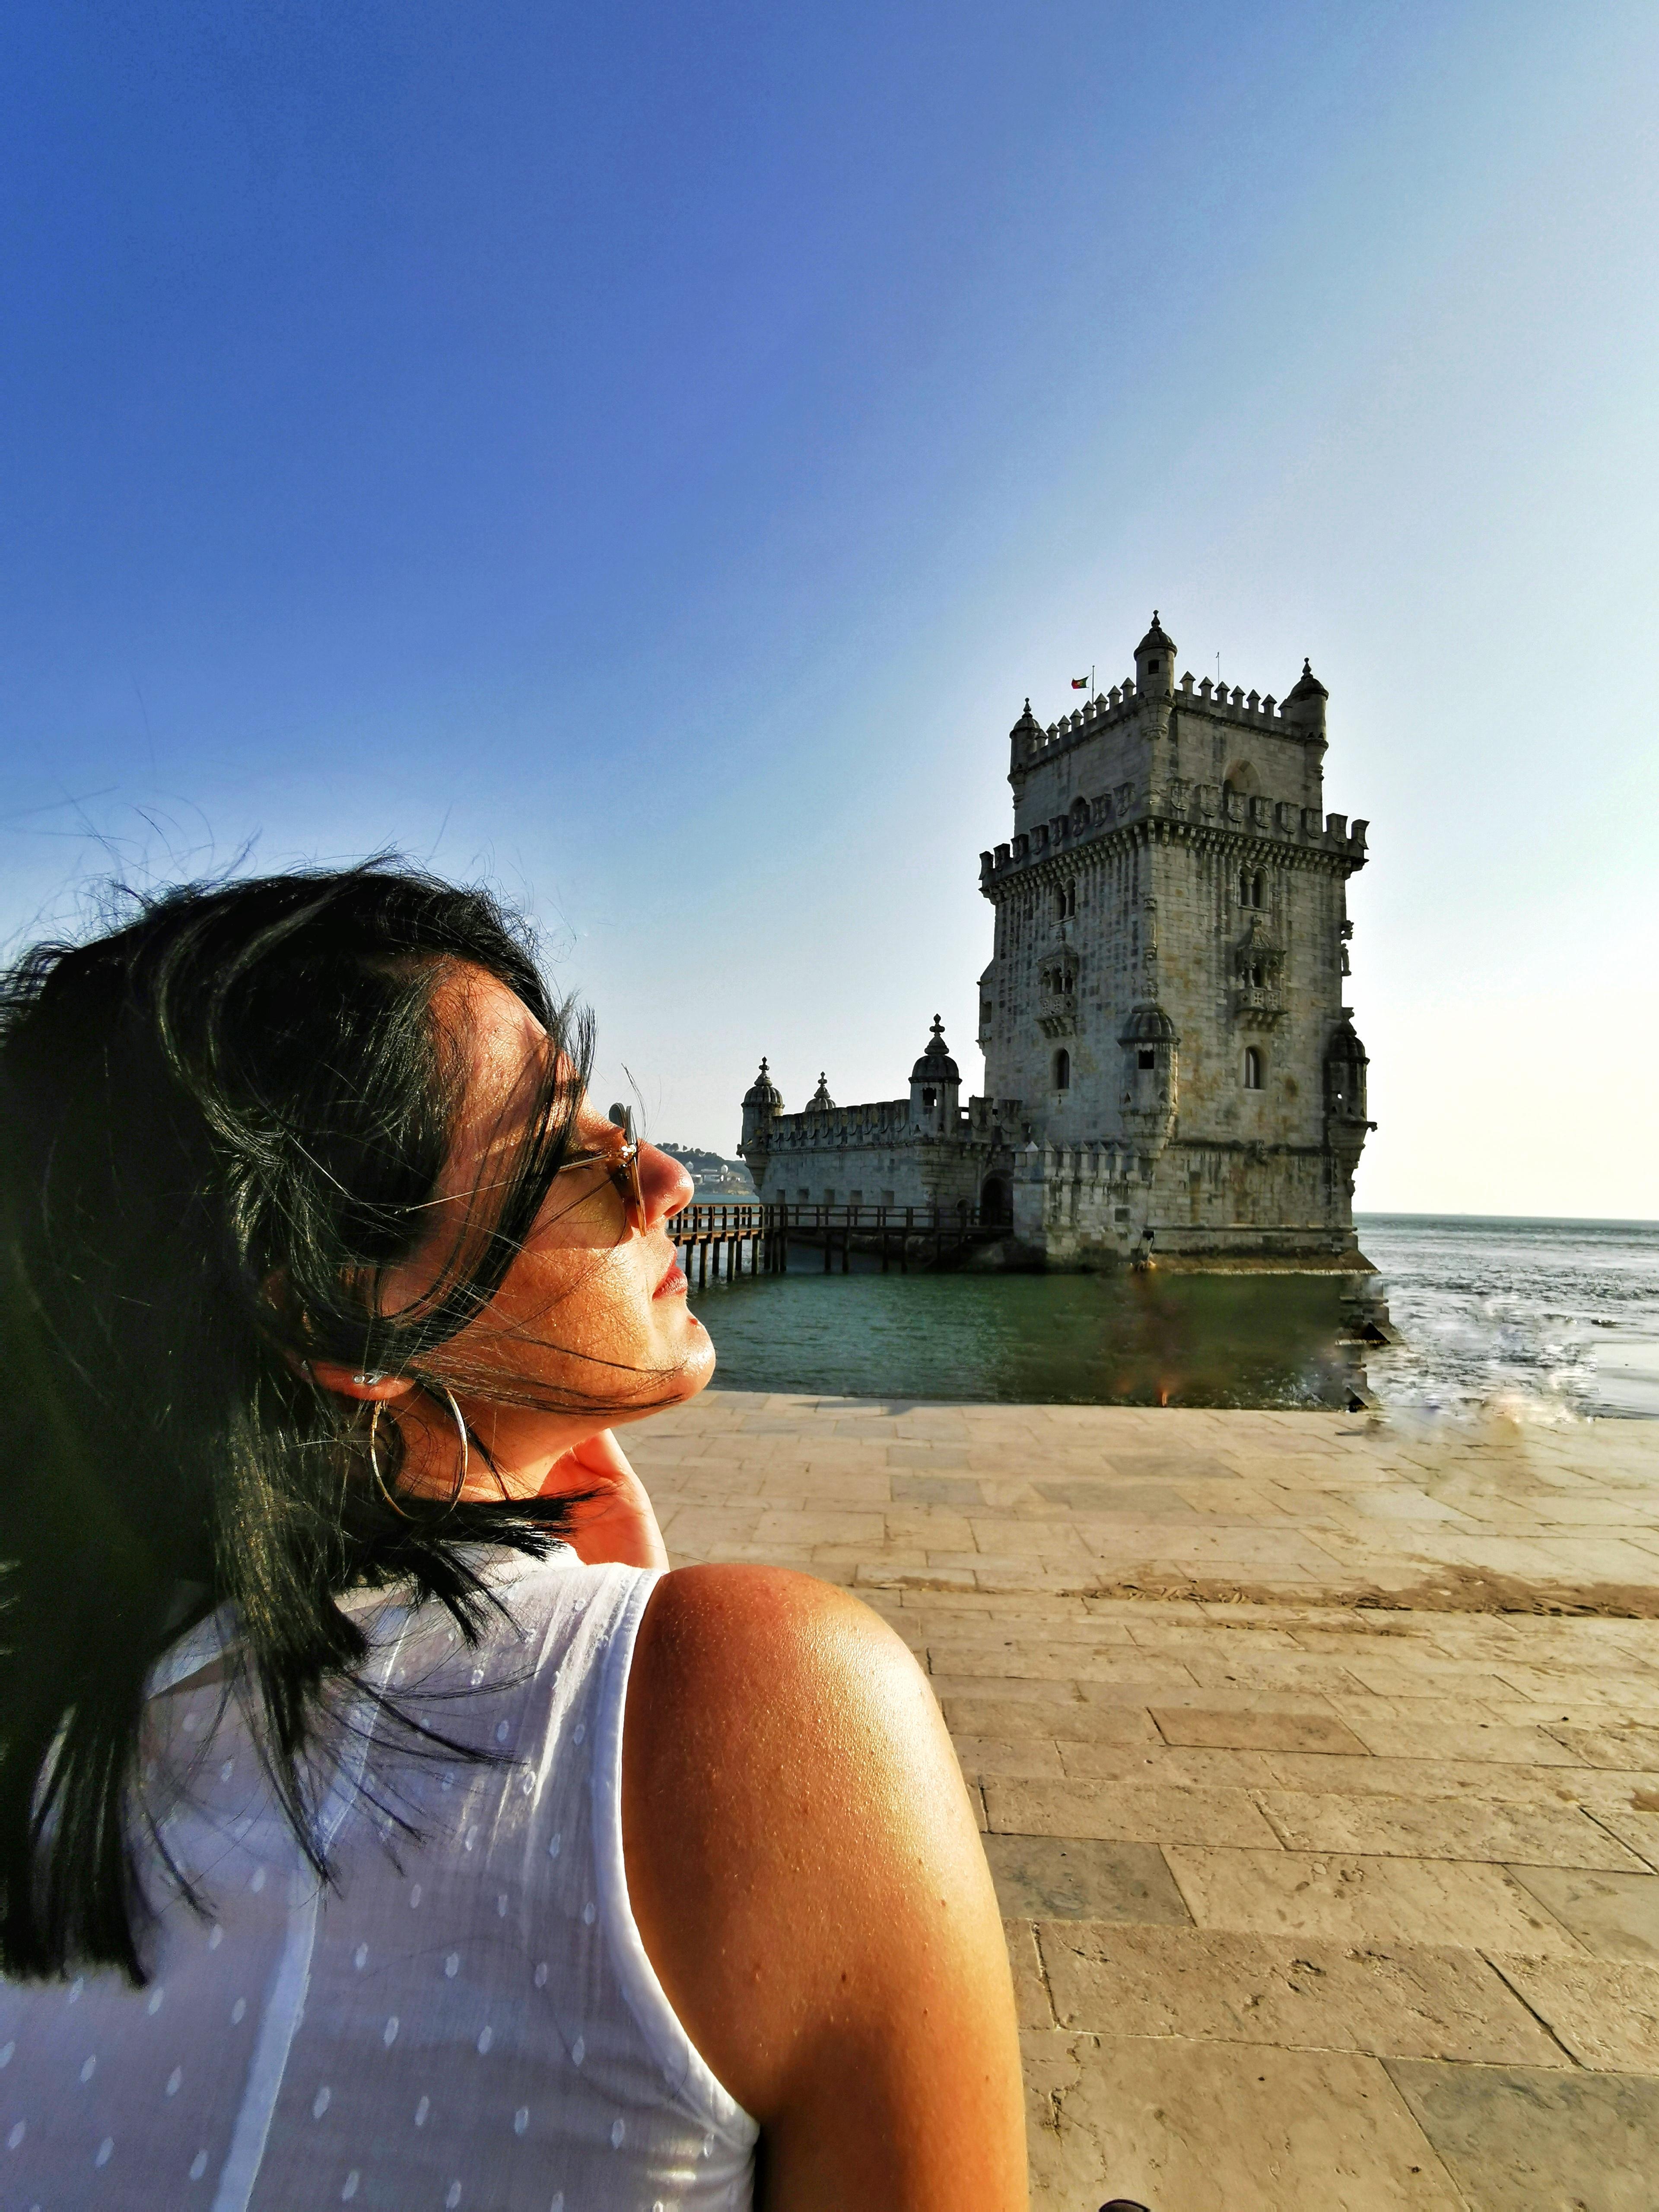 torredeBelem_lisbon_portugal_lisboa